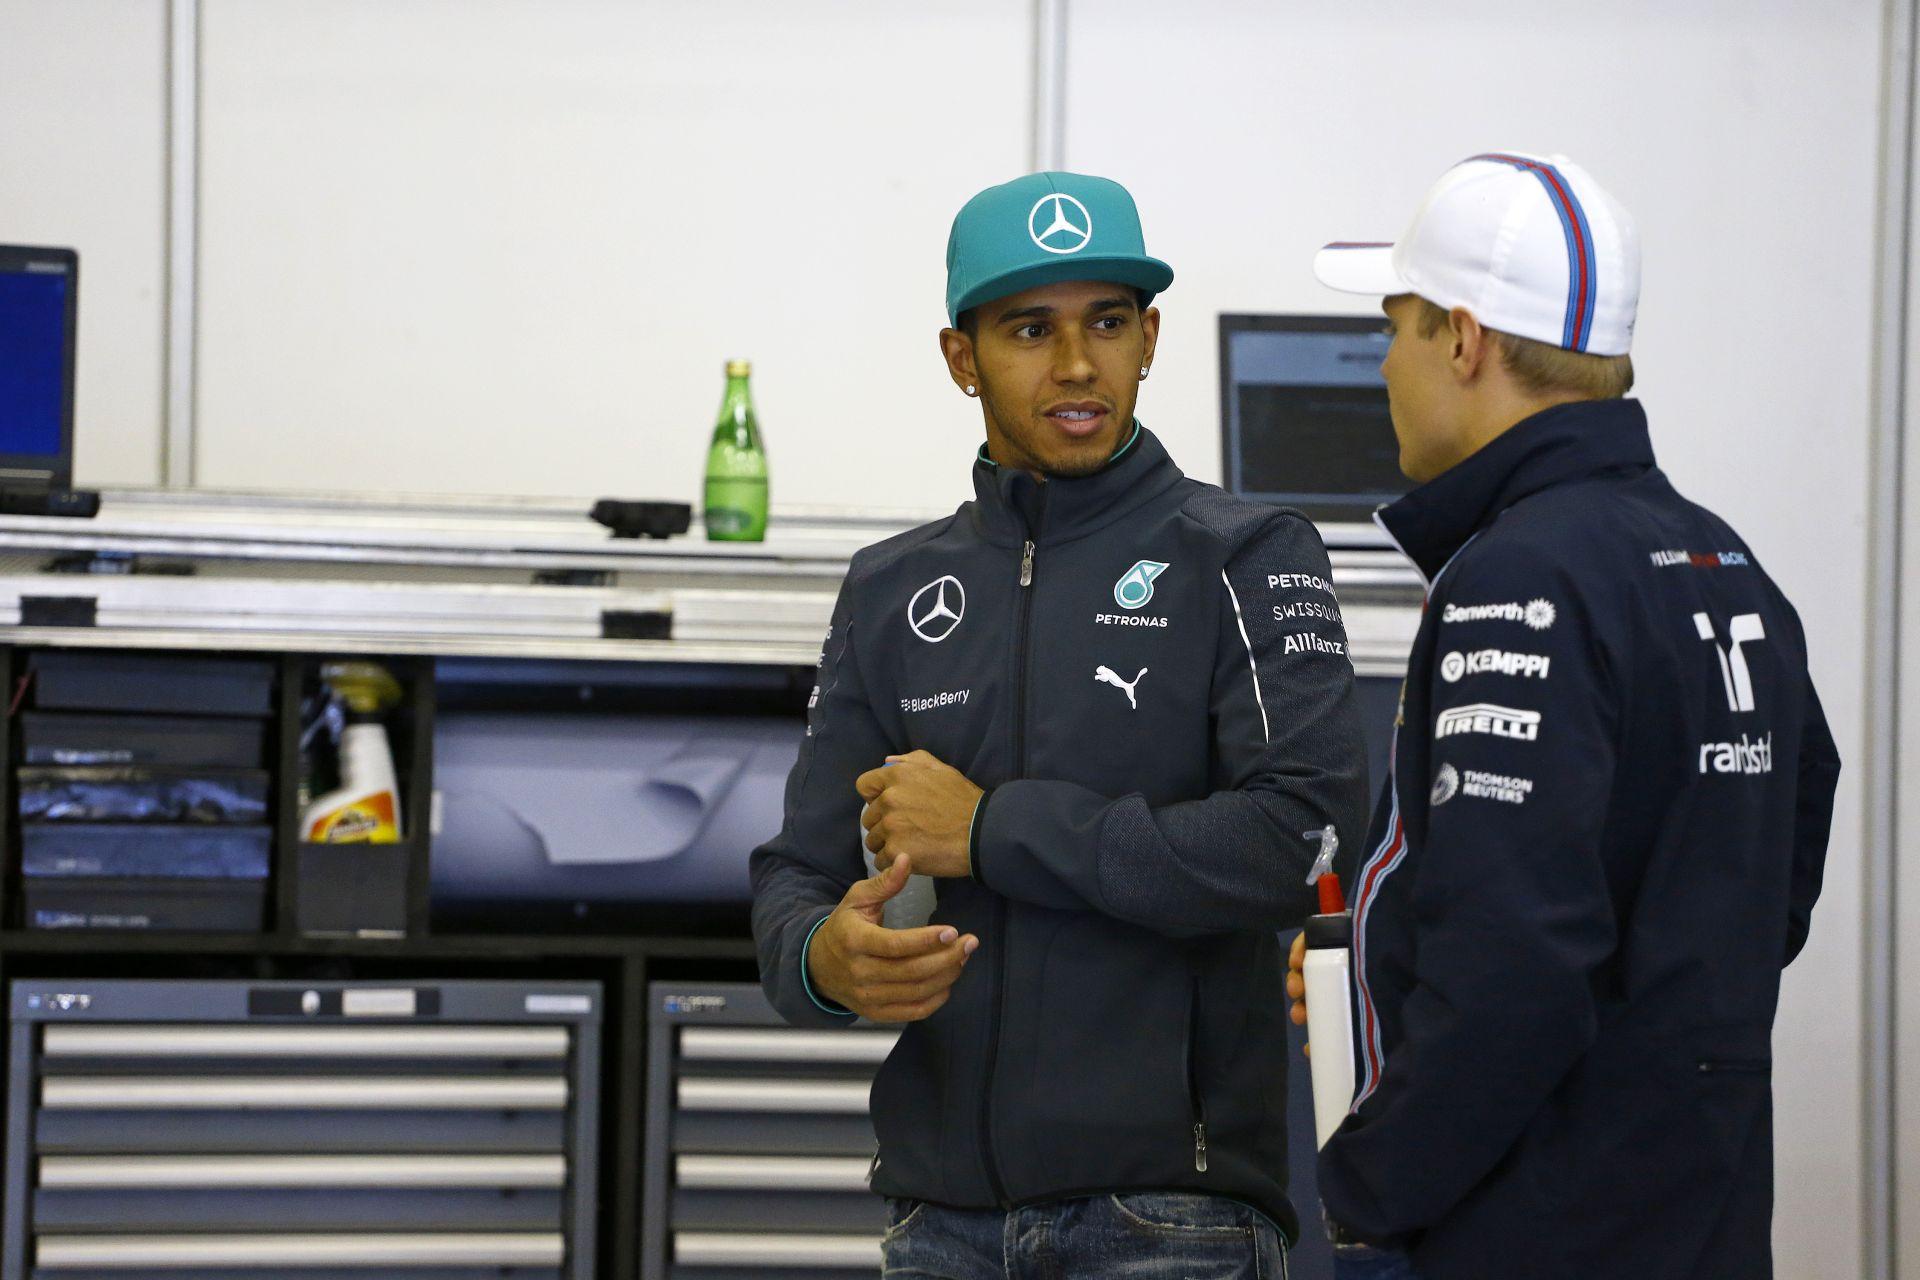 Hamilton megelőzte Fangiót, és beérte a Lauda-Clark duót